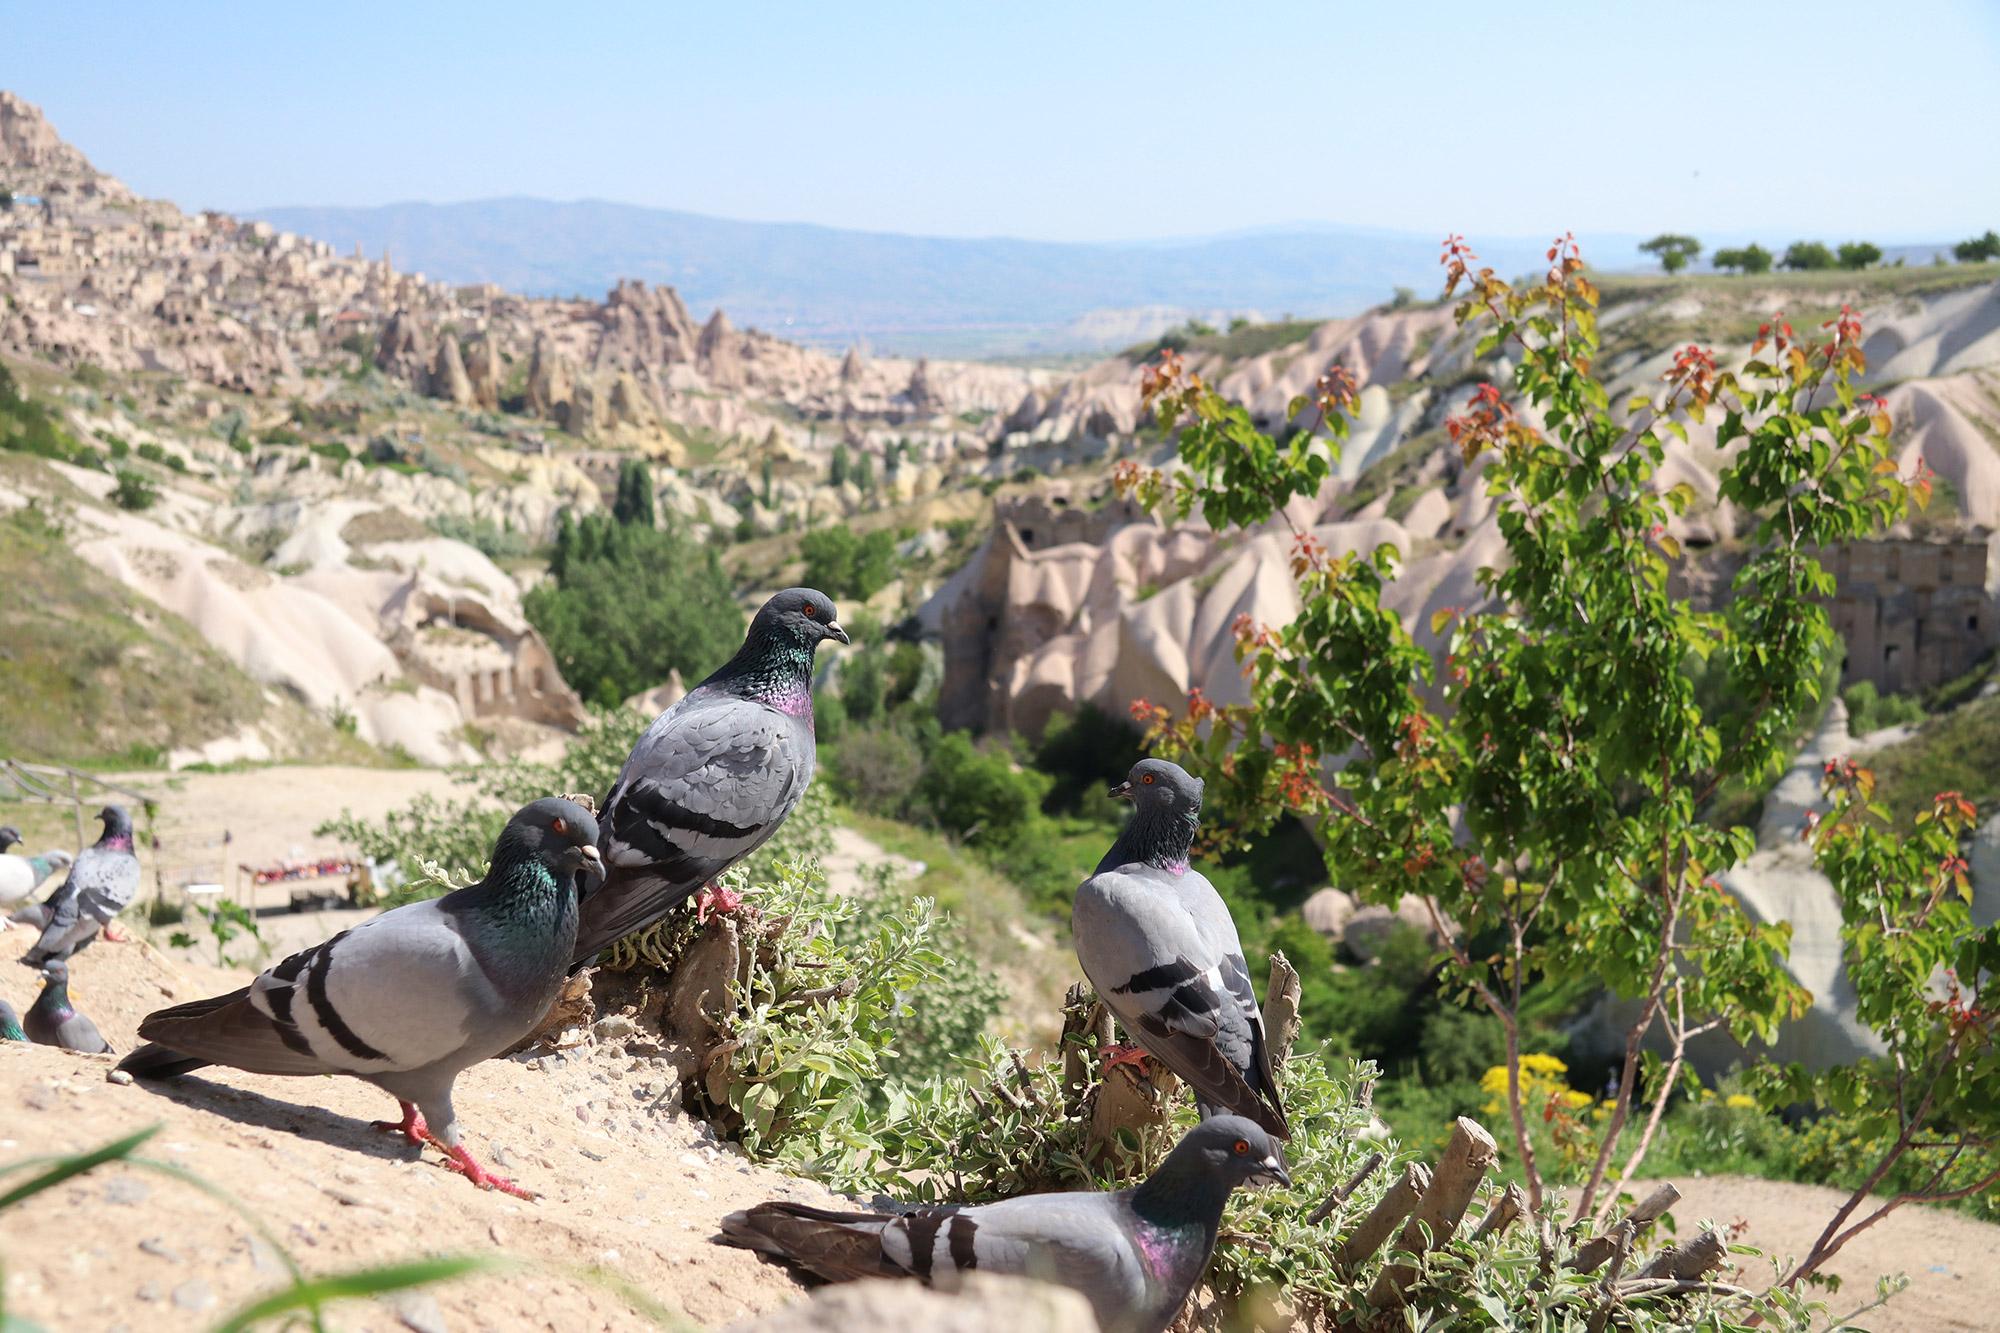 Turkije reisverslag: Magische ballonvaart - Pigeon Valley